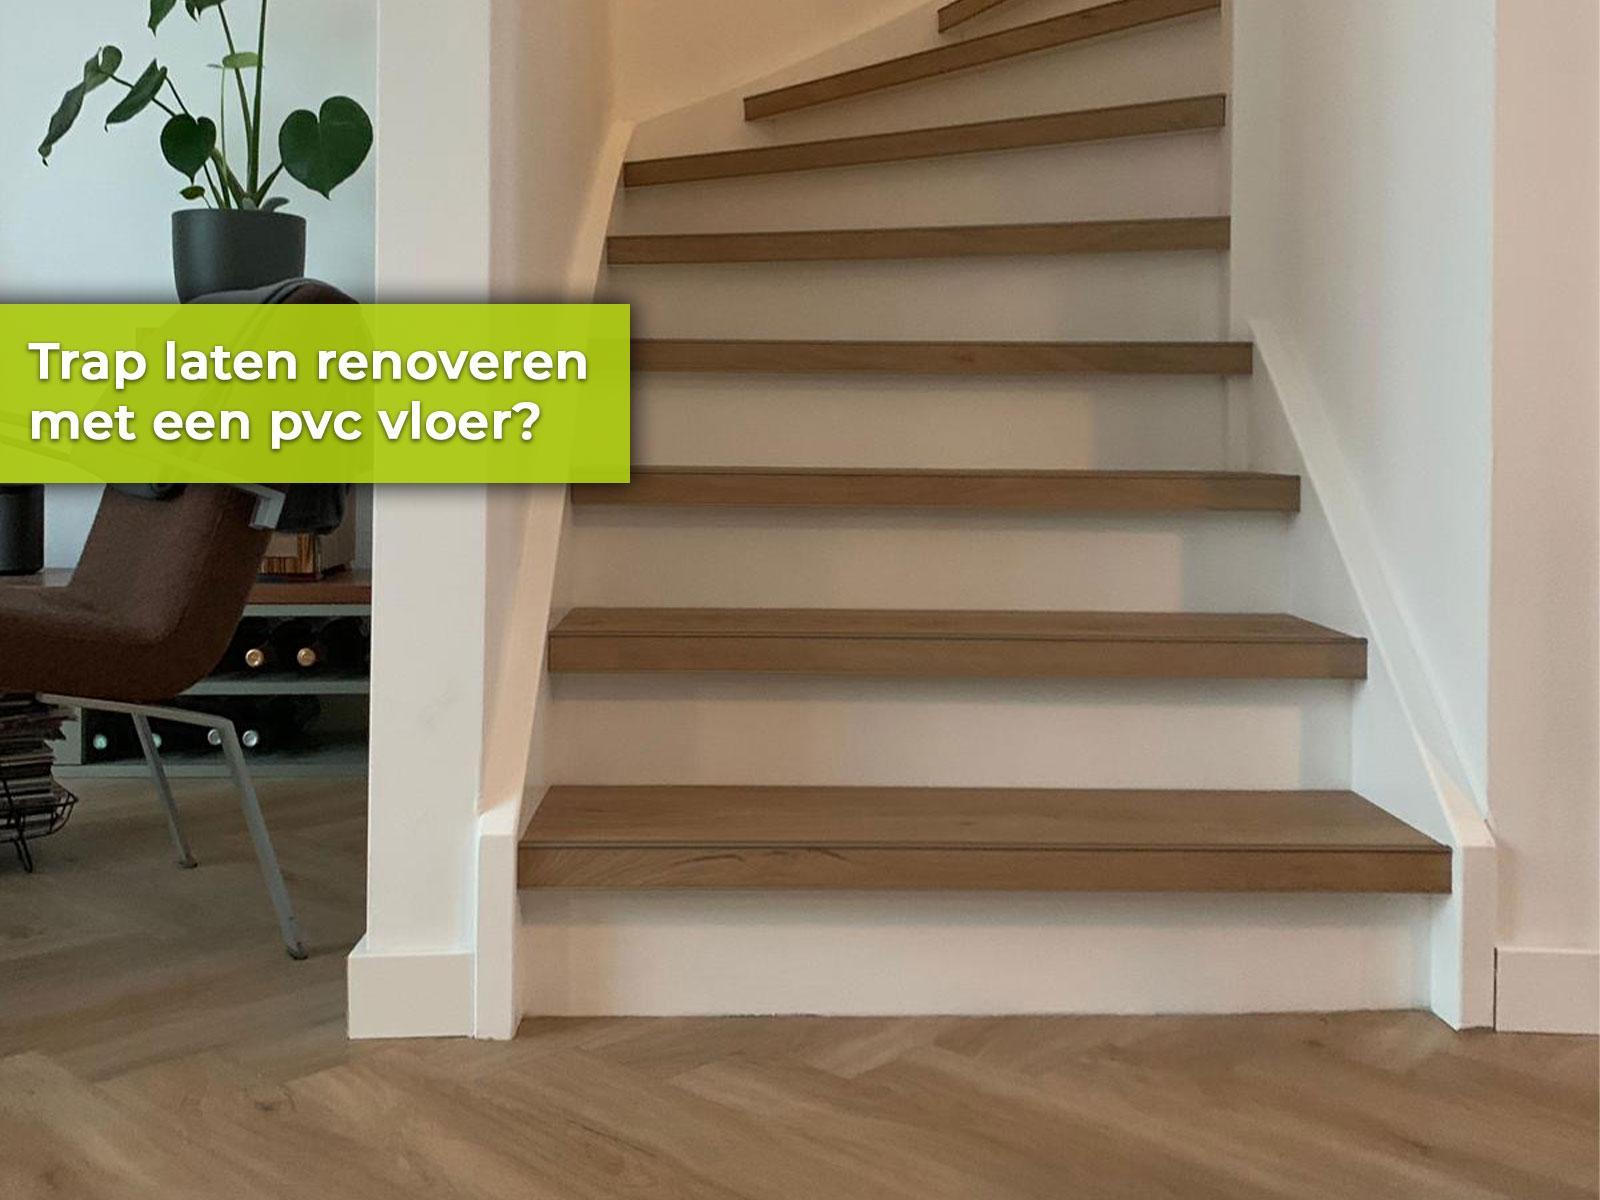 Traprenovatie PVC vloer